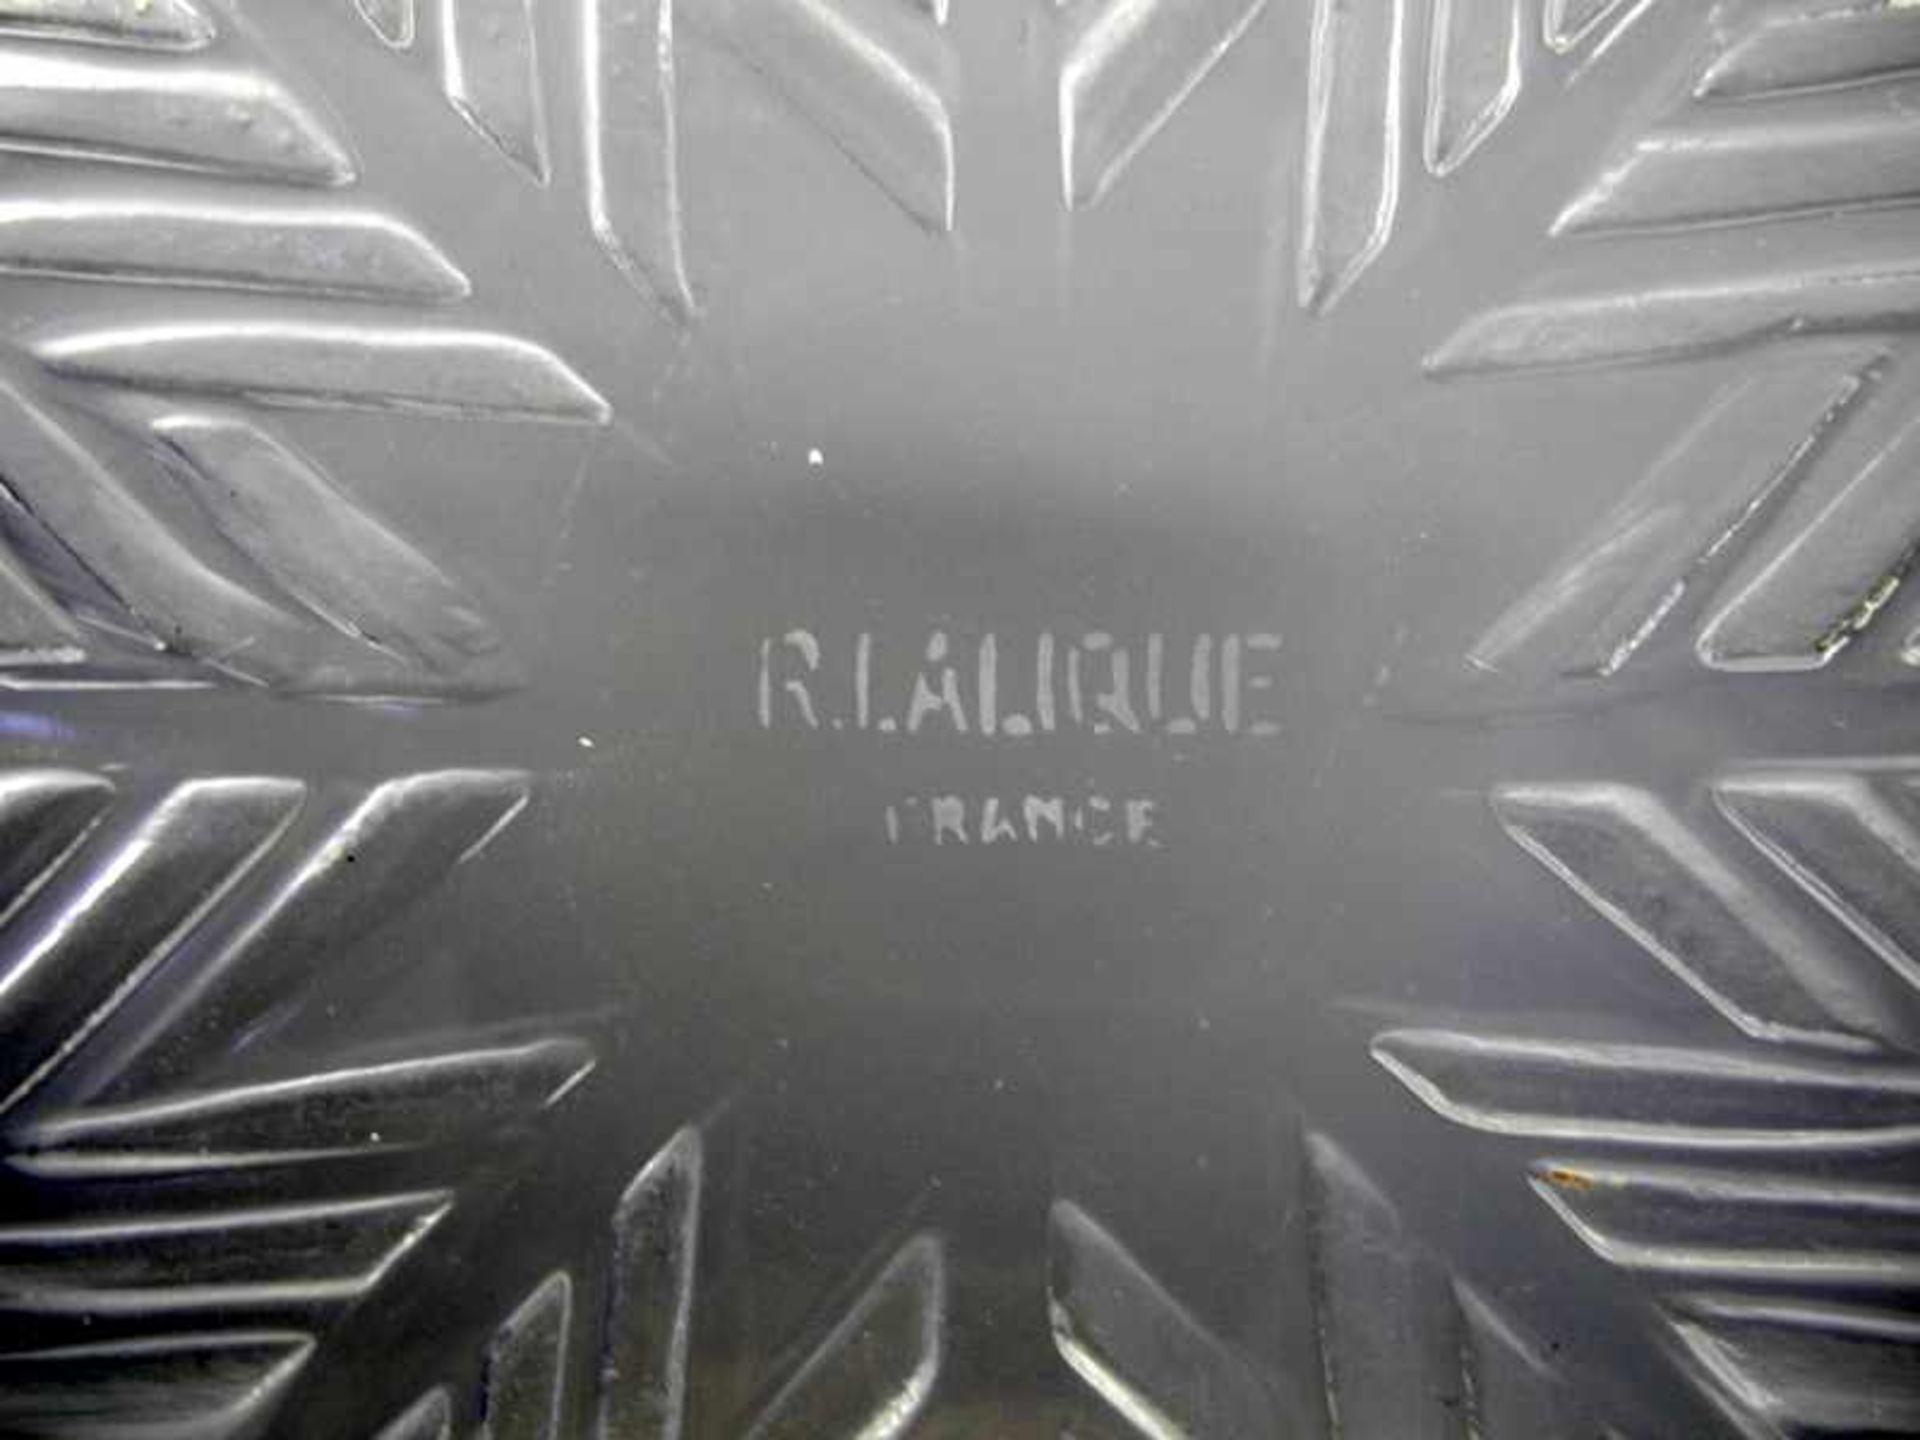 Lalique, Große Glas-SchaleFarbloses Glas, teils milchig geschliffen. Große Schale mit zentralem - Bild 2 aus 2